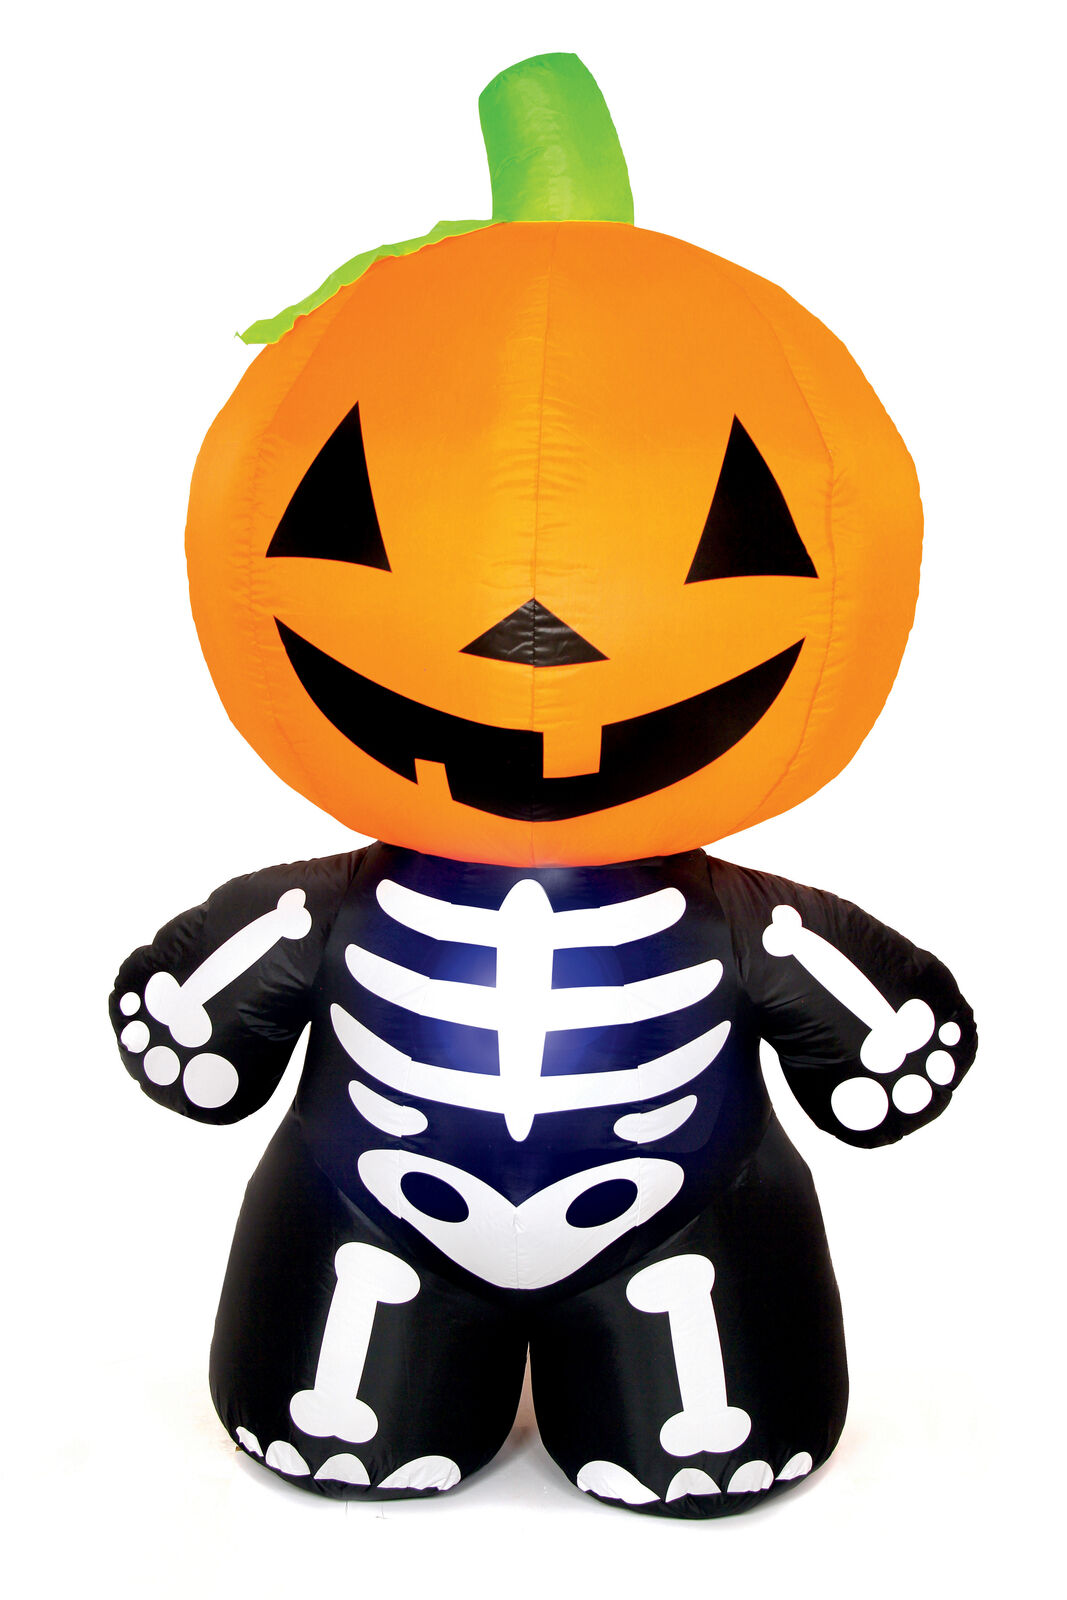 Groß Aufblasbar Halloween Pumpkin Skelett 1.8 Meter Außen Garten Dekoration